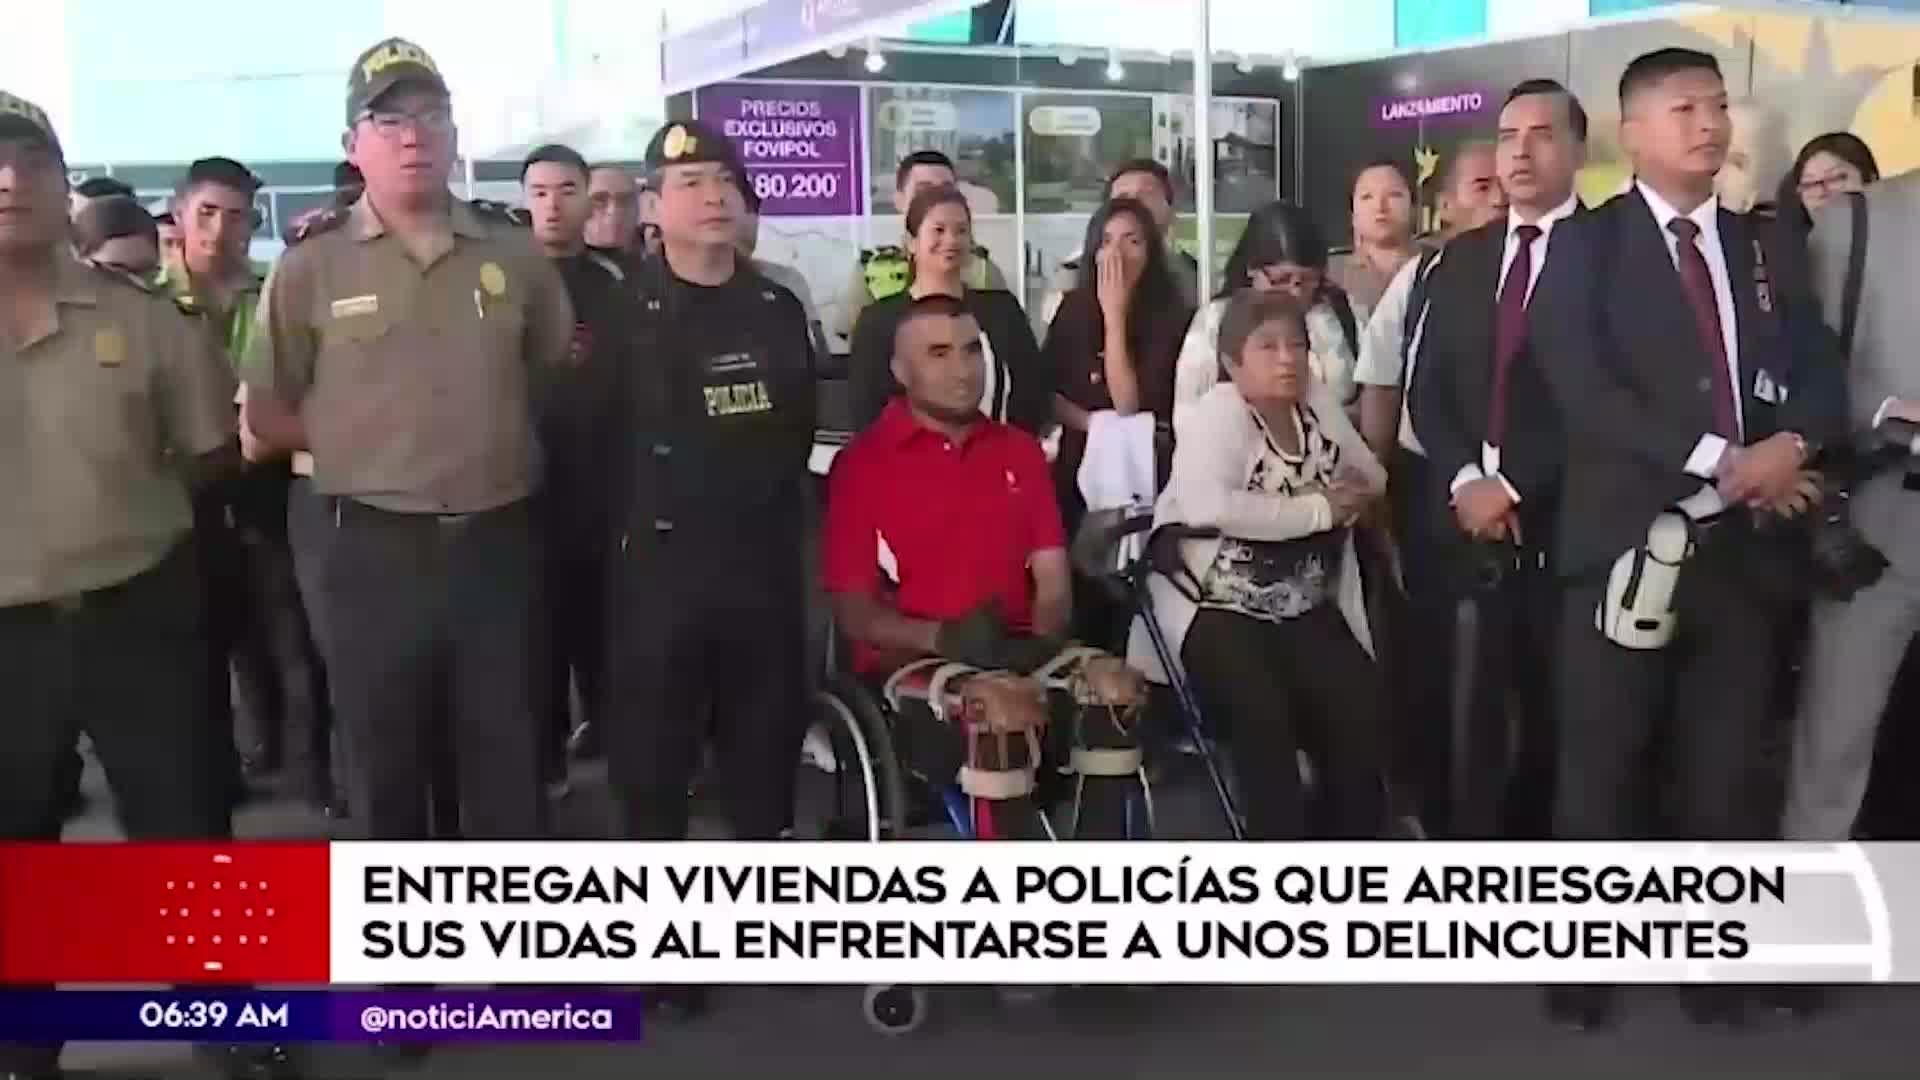 Ministerio del Interior entregó vivienda a policía medallista de los Juegos Parapanamericanos 2019